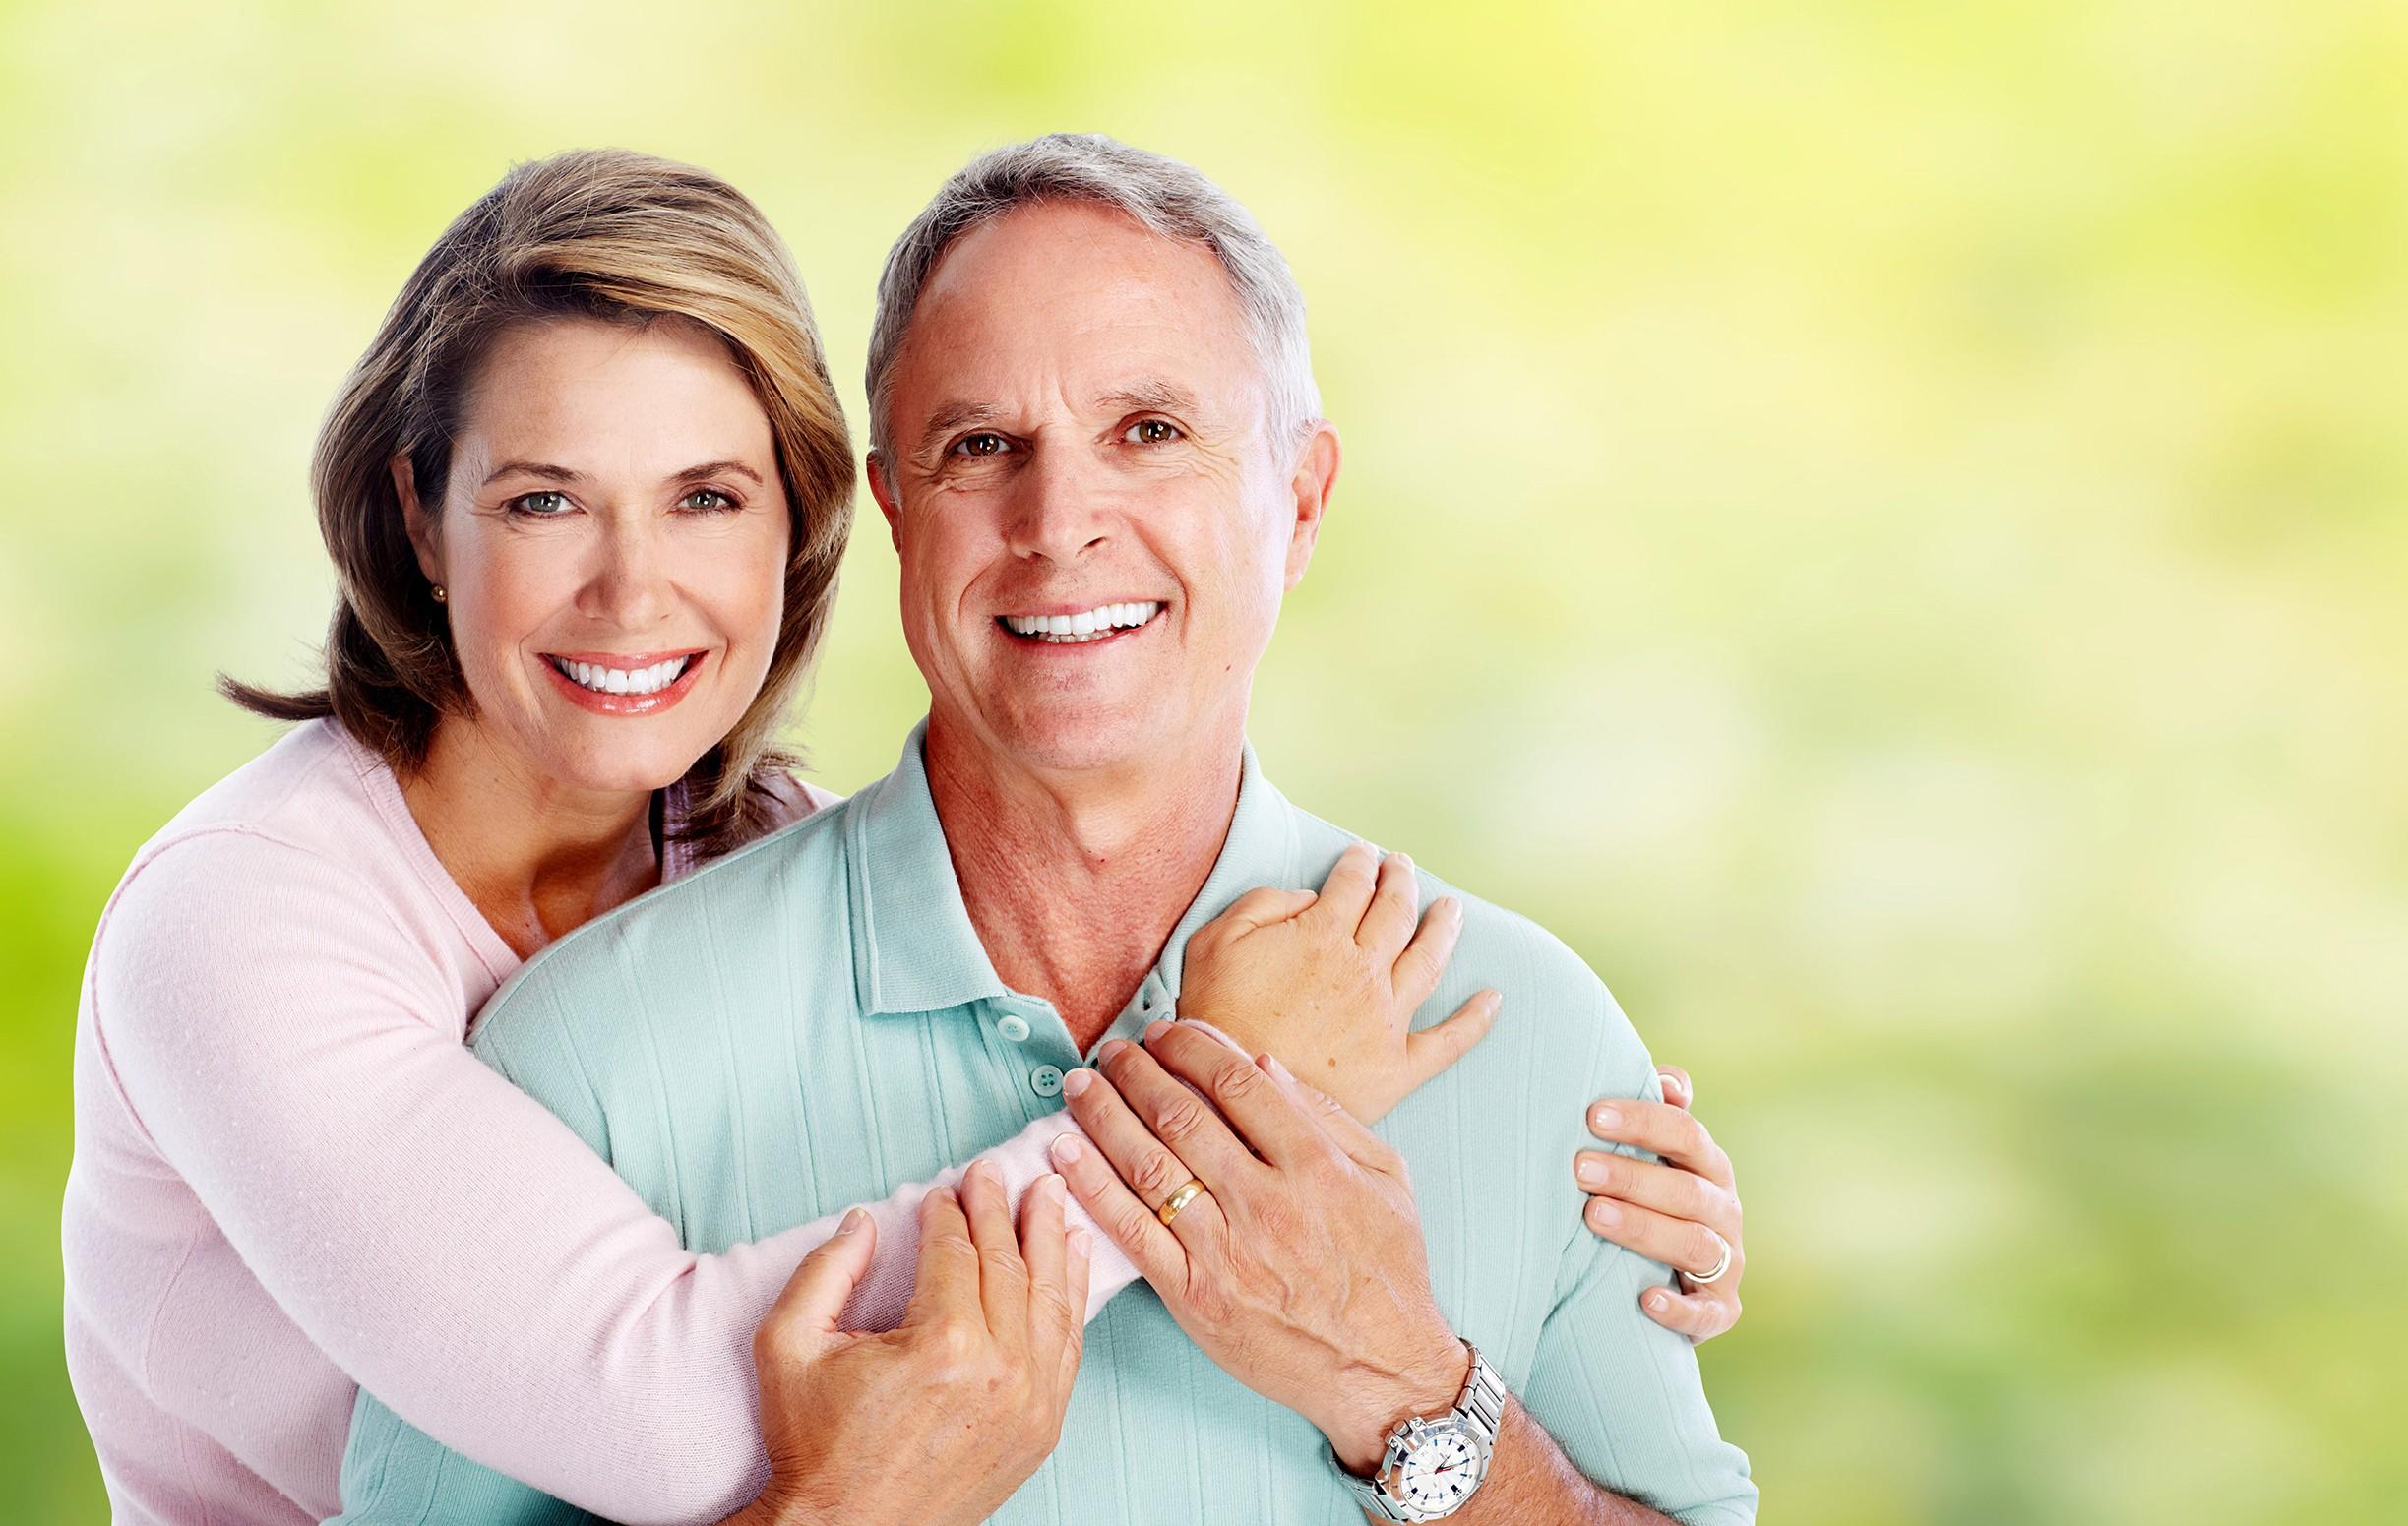 نشانه های زوج های خوشبخت را بشناسید